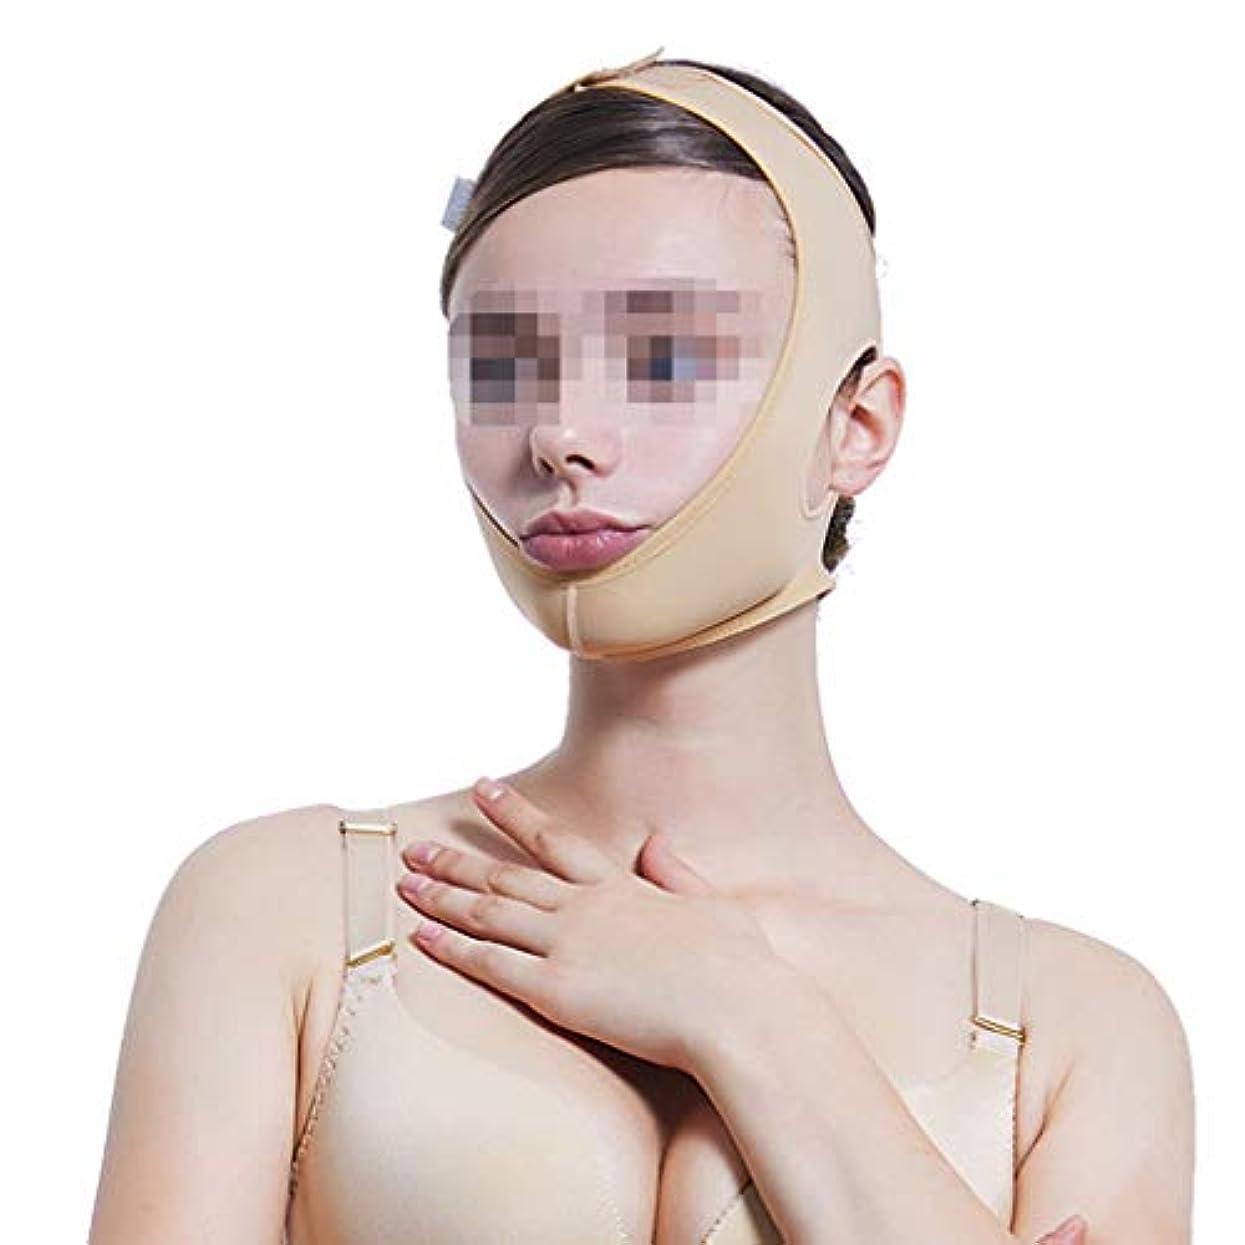 推進代表するホップXHLMRMJ ビームフェイス弾性ヘッドギア、二重あごの顎セットにマスクの後に線彫り薄いフェイス包帯マルチサイズオプション (Size : XXL)